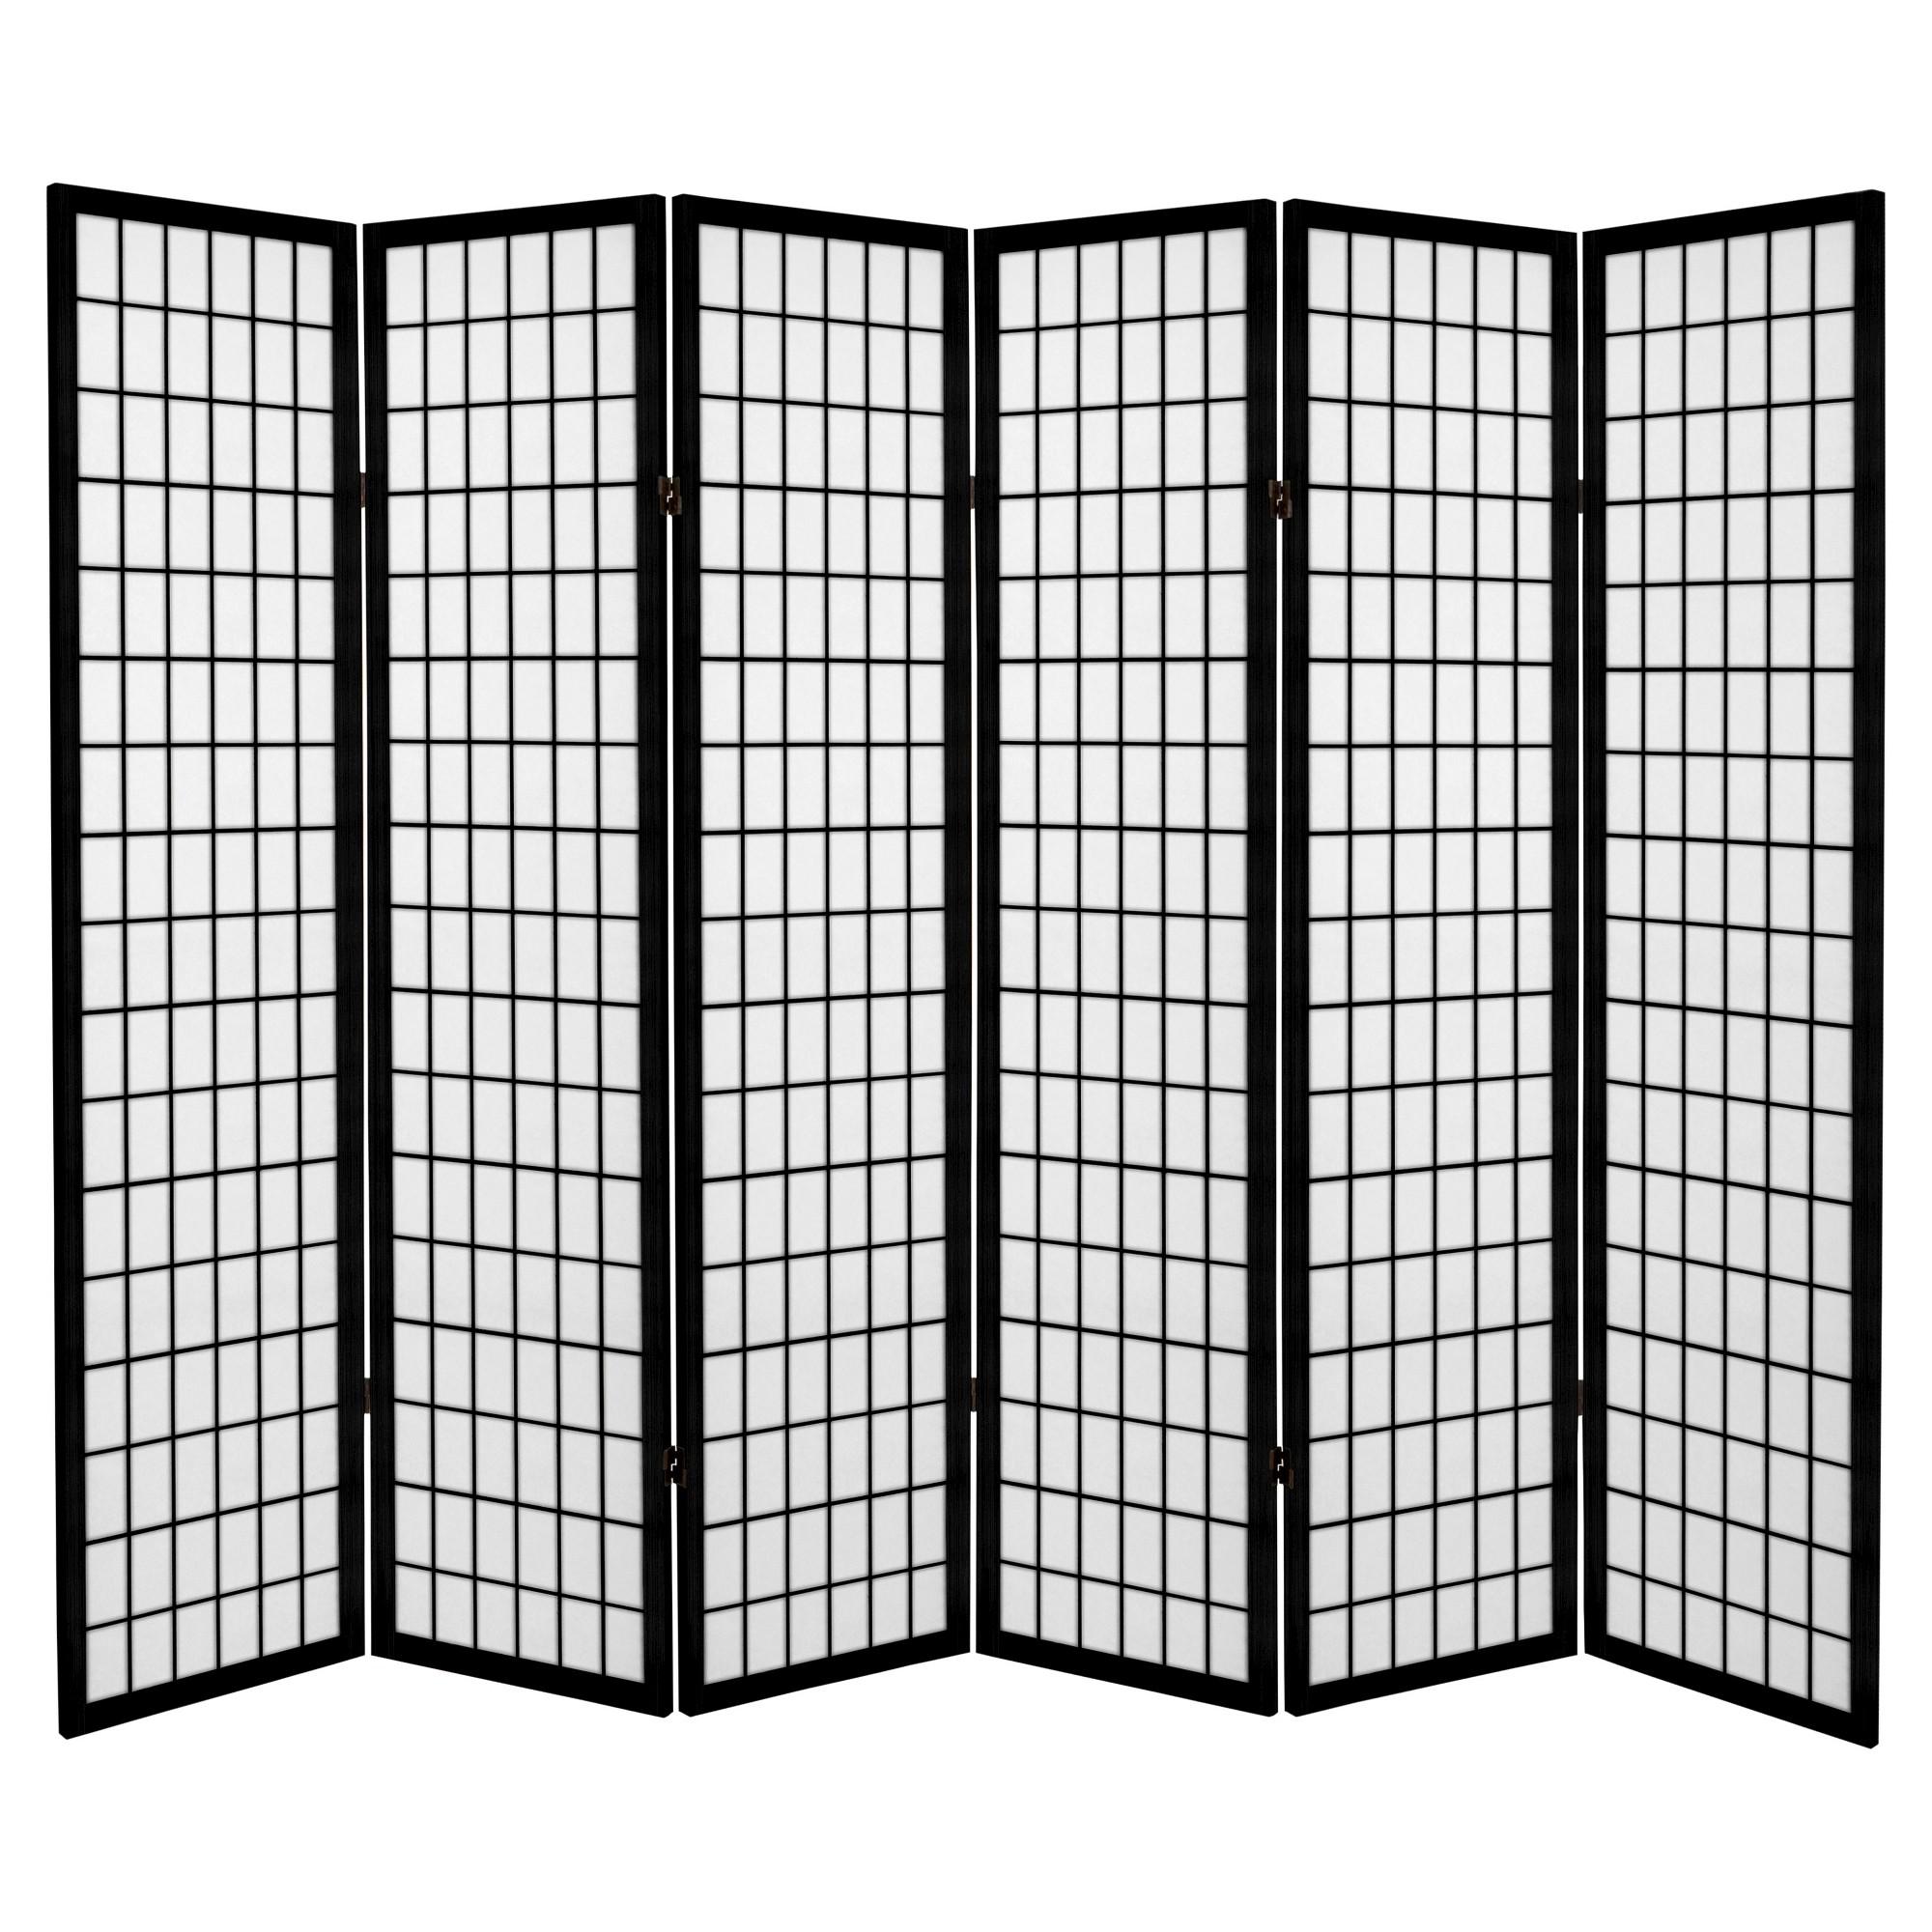 Wohnzimmerfliesen in nigeria  ft tall canvas window pane room divider  black  panels